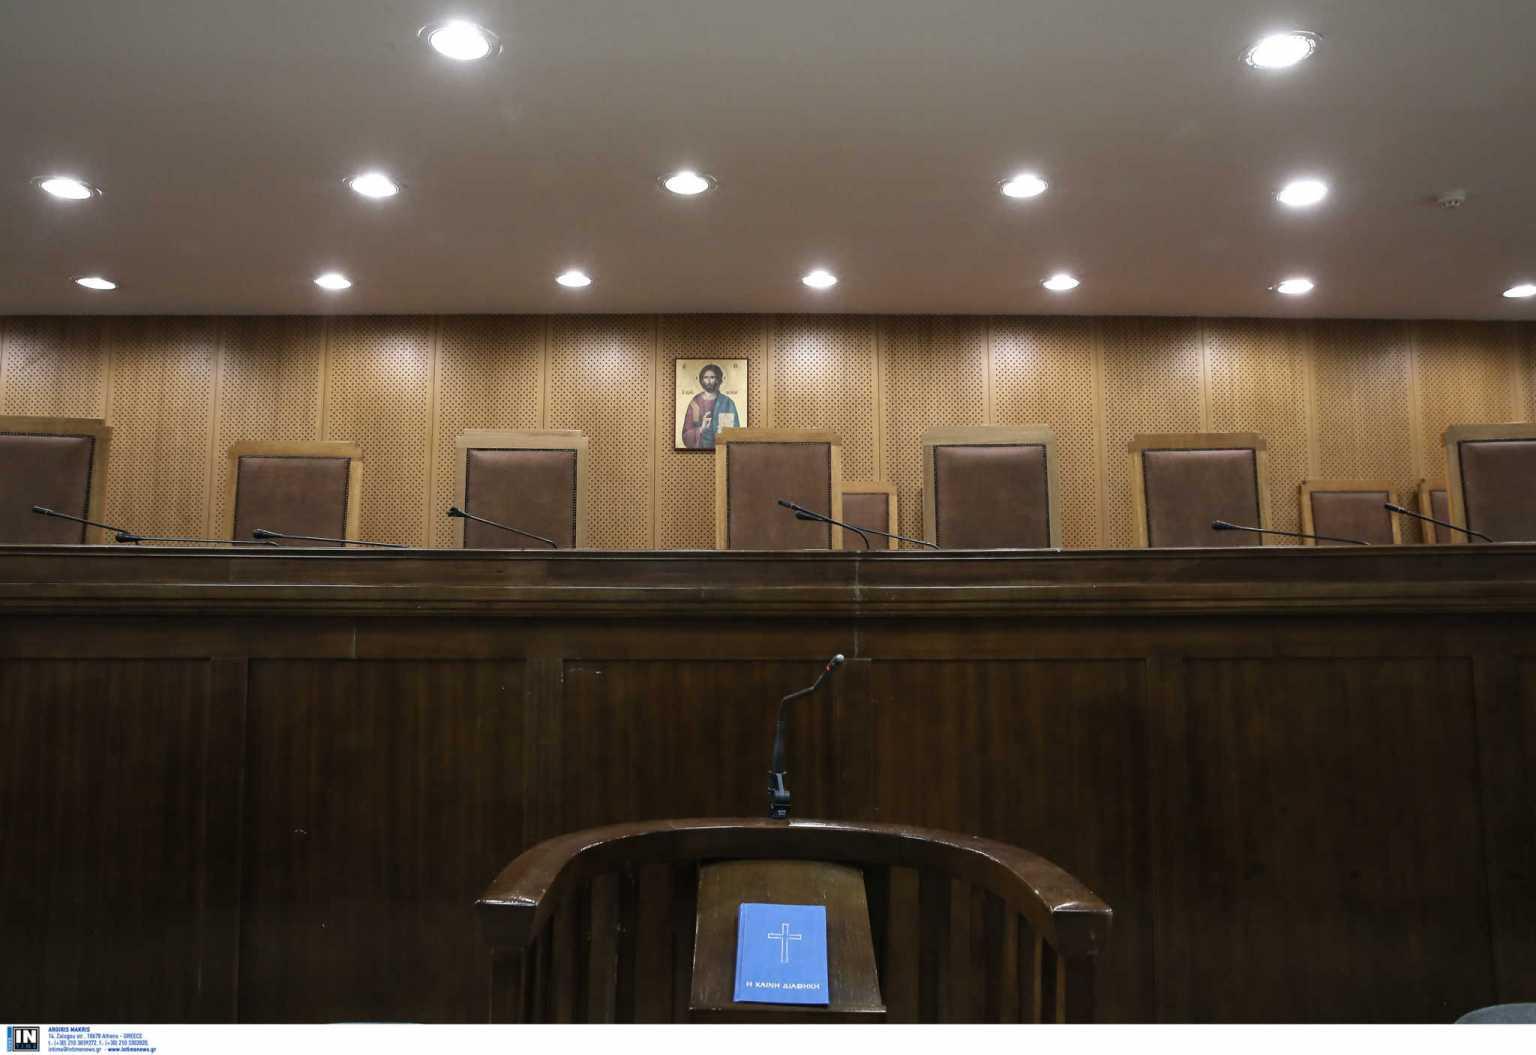 Θεσσαλονίκη: Έστειλε τον φίλο του να δικαστεί για τη ληστεία